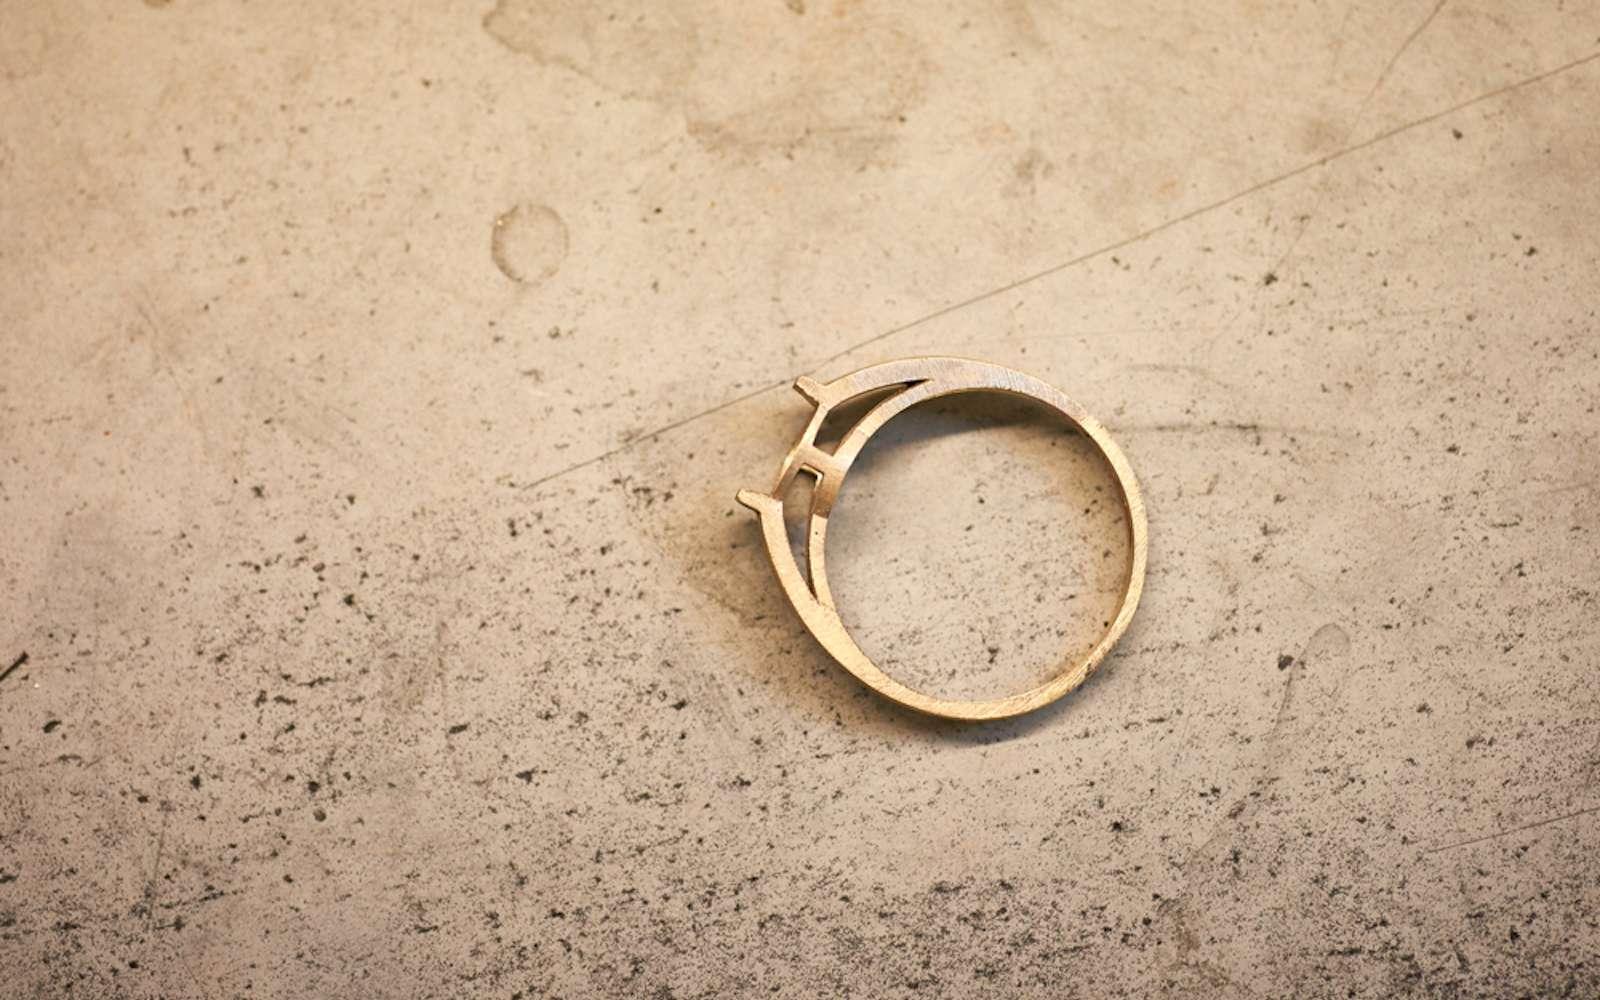 Recyclage d'or : une démarche vertueuse pour l'environnement. © Or du monde